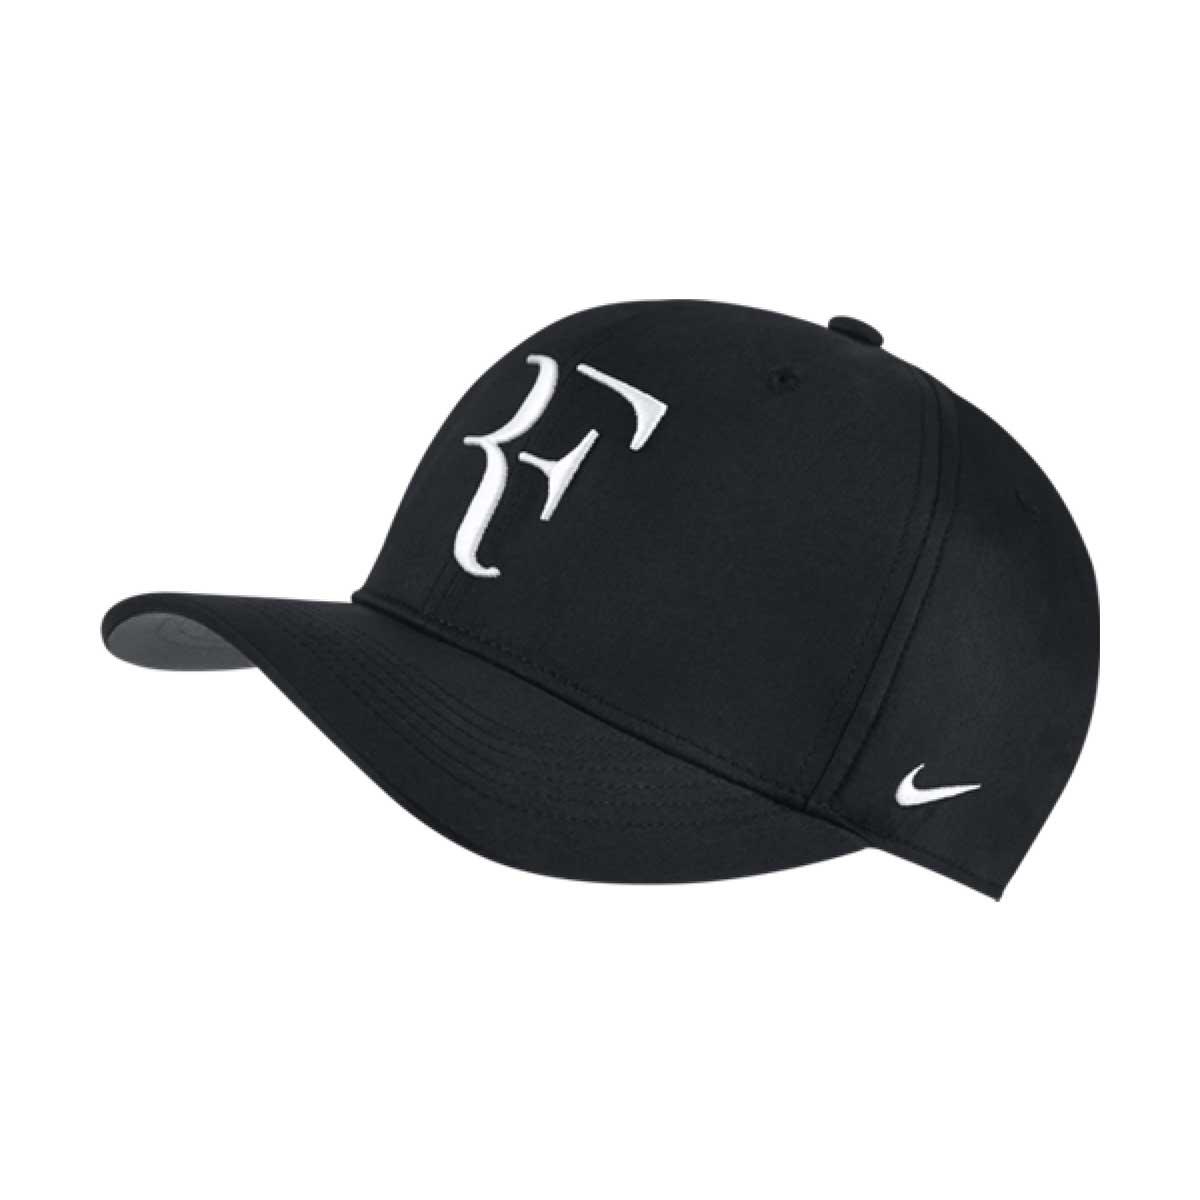 Buy Nike Rf Cap Online India Nike Tennis Accessories